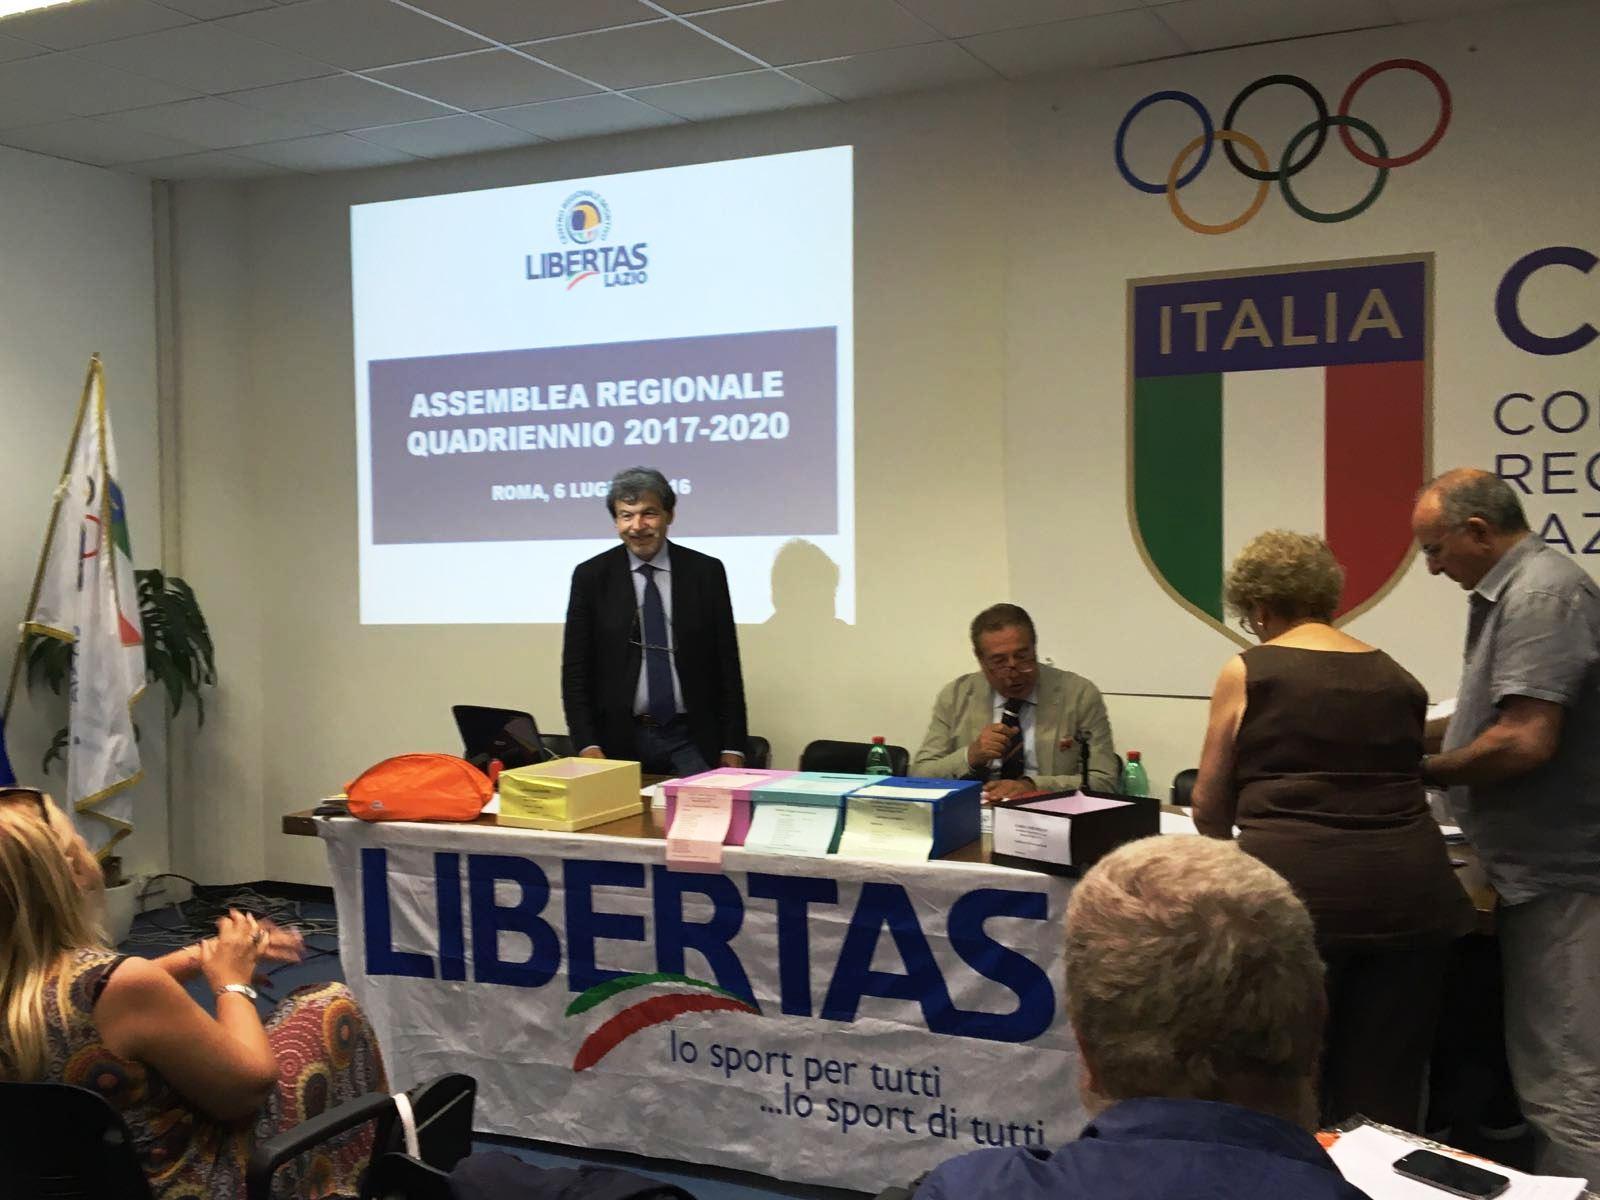 N.1 Il Presidente Del CNSL Proclama Enzo Corso Presidente  Libertas Regionale 2017 20